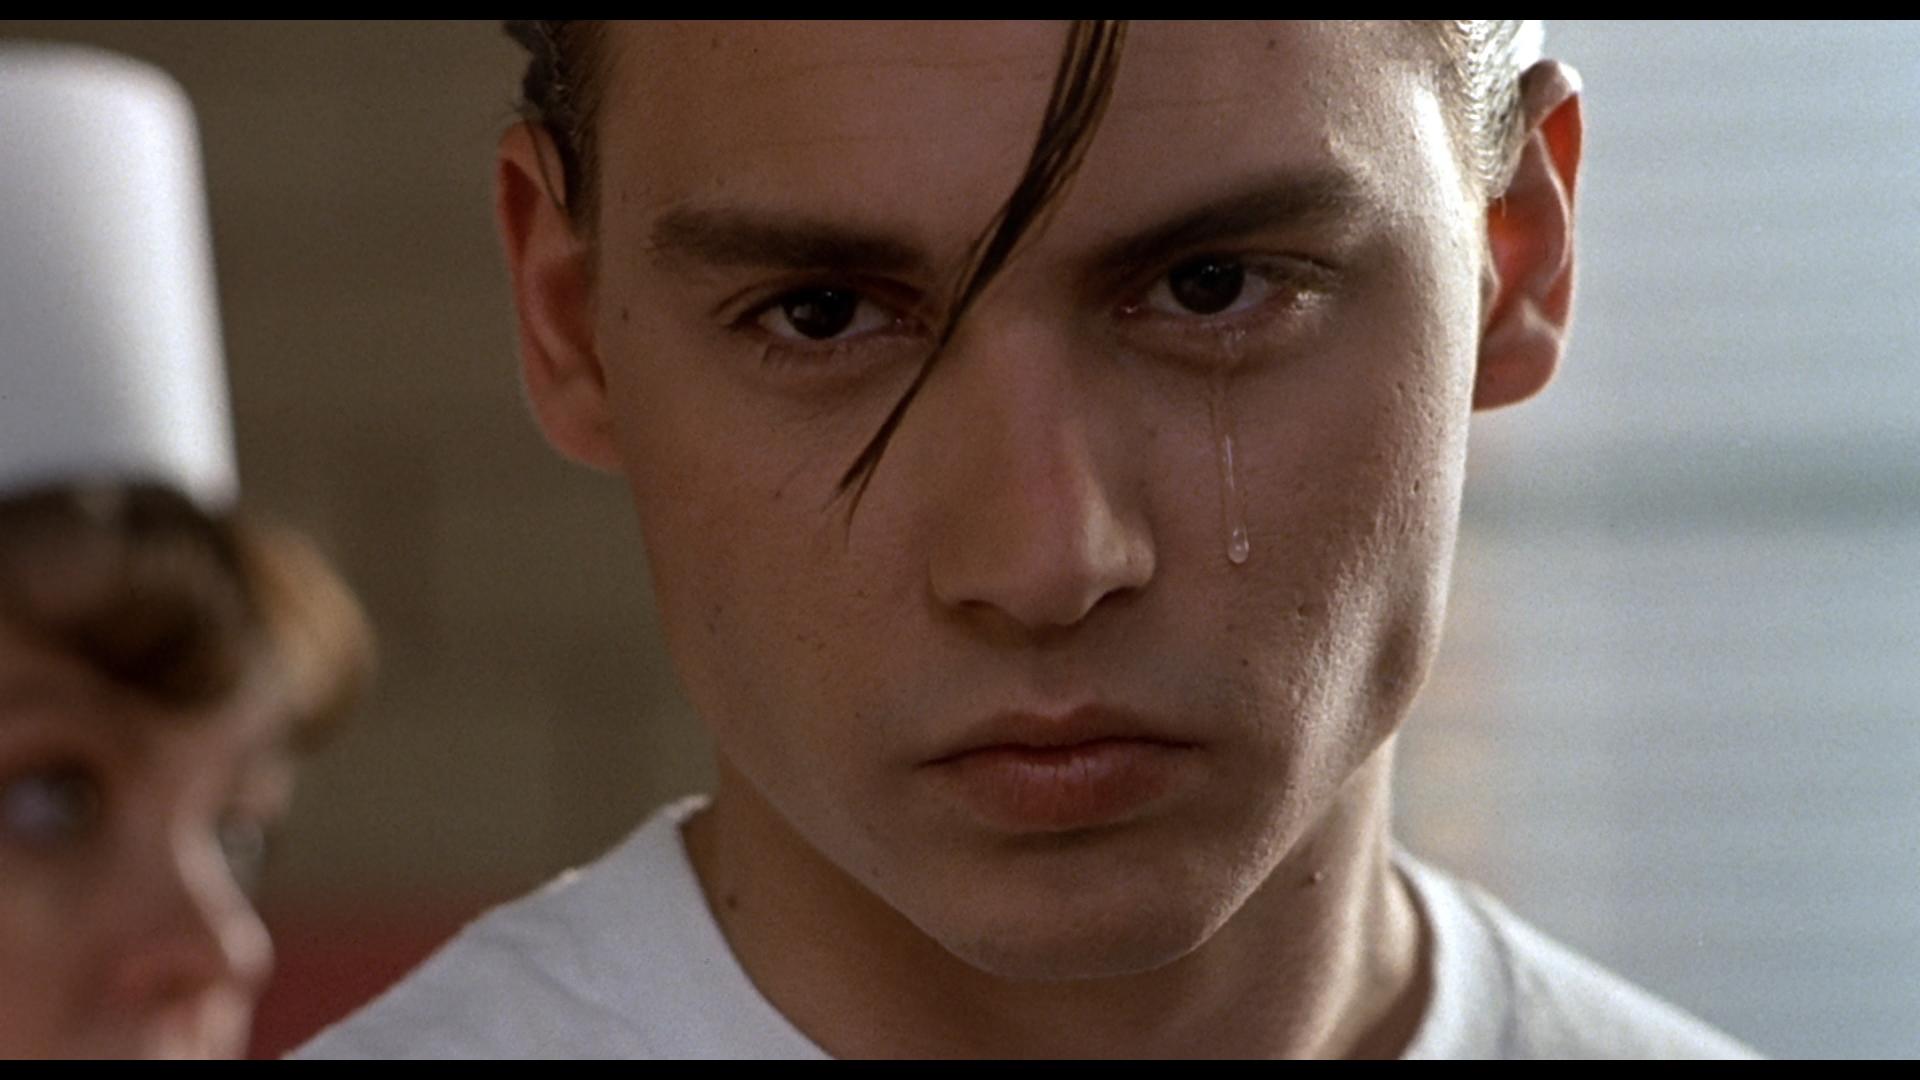 Boys Cry (2013) English Film